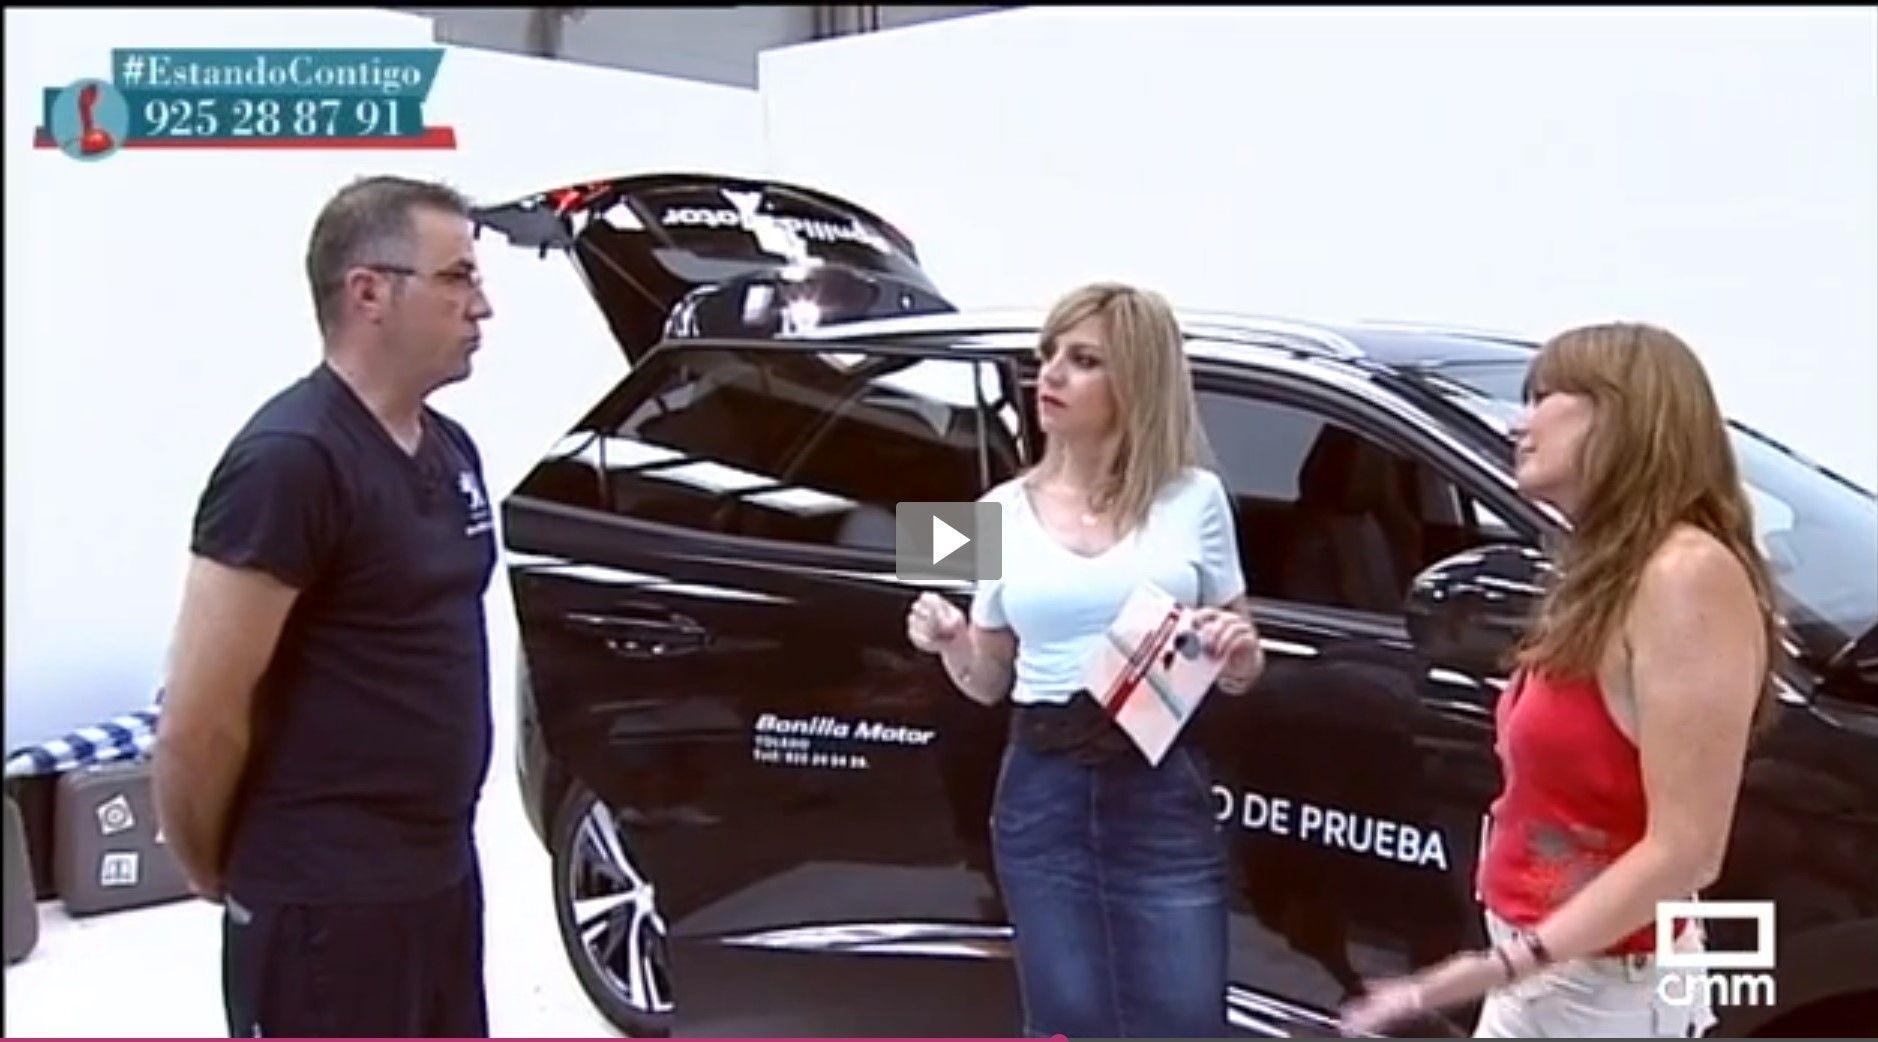 Bonilla Motor da Consejos para viajar en coche en Castilla la Mancha Televisión